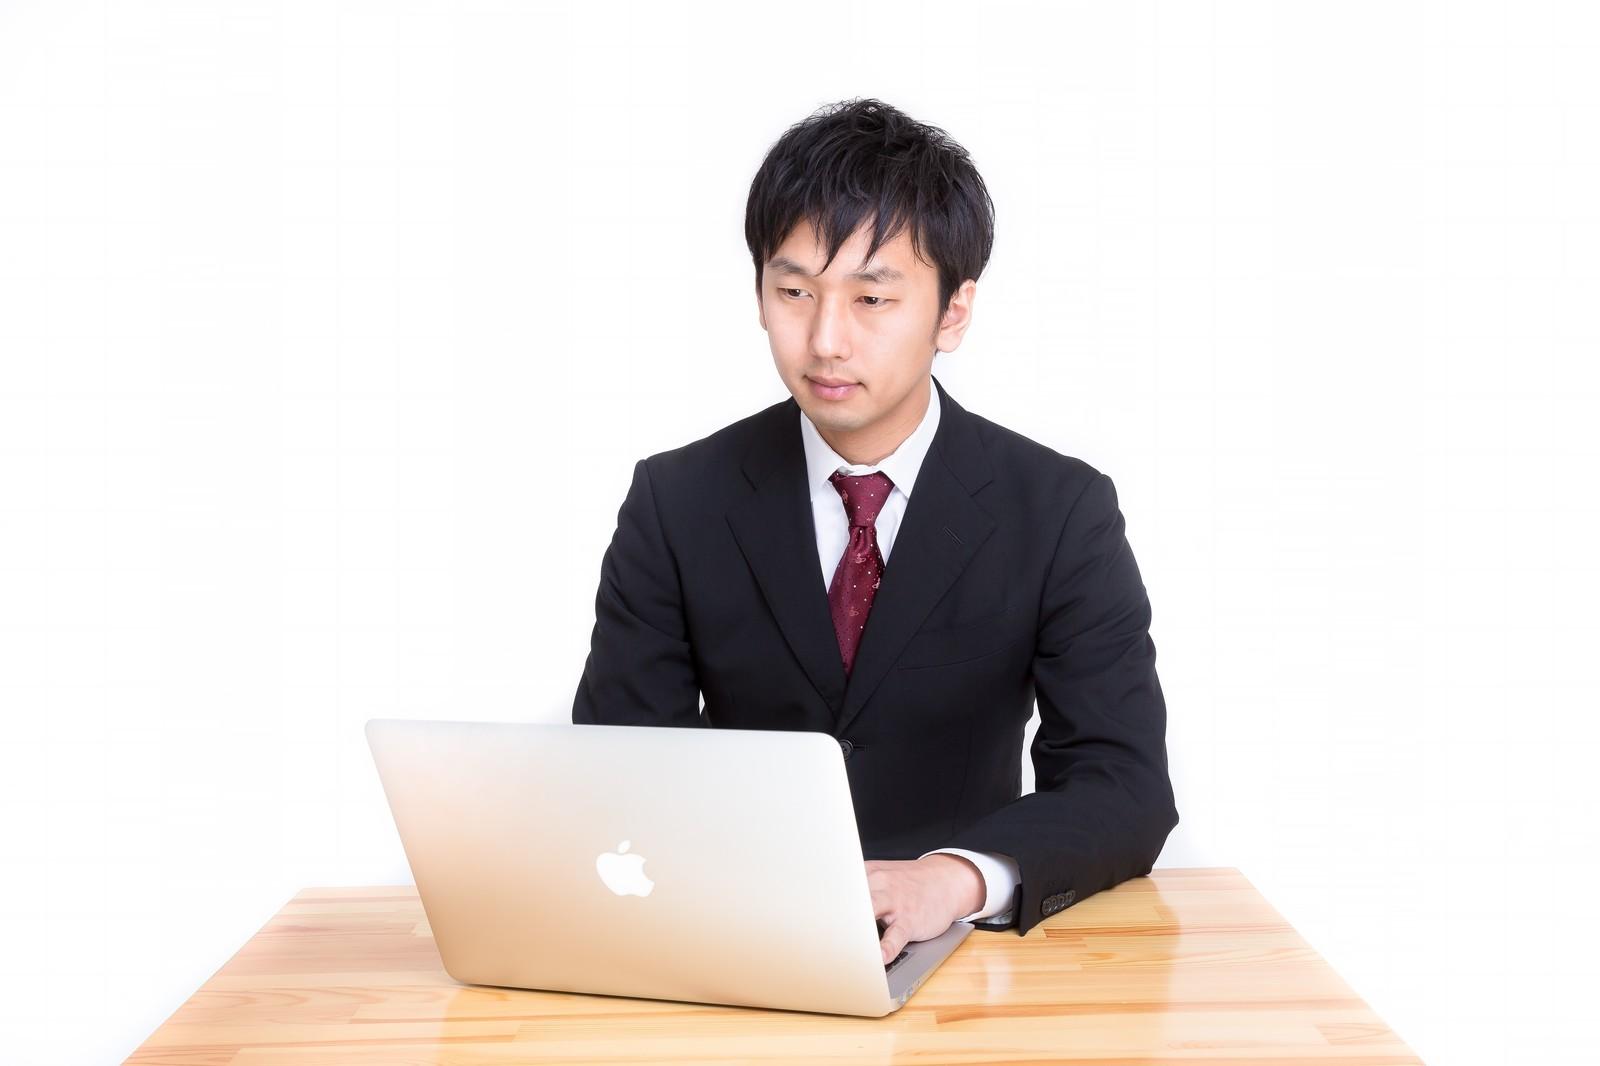 プログラミングはIT業界だけのものではない!